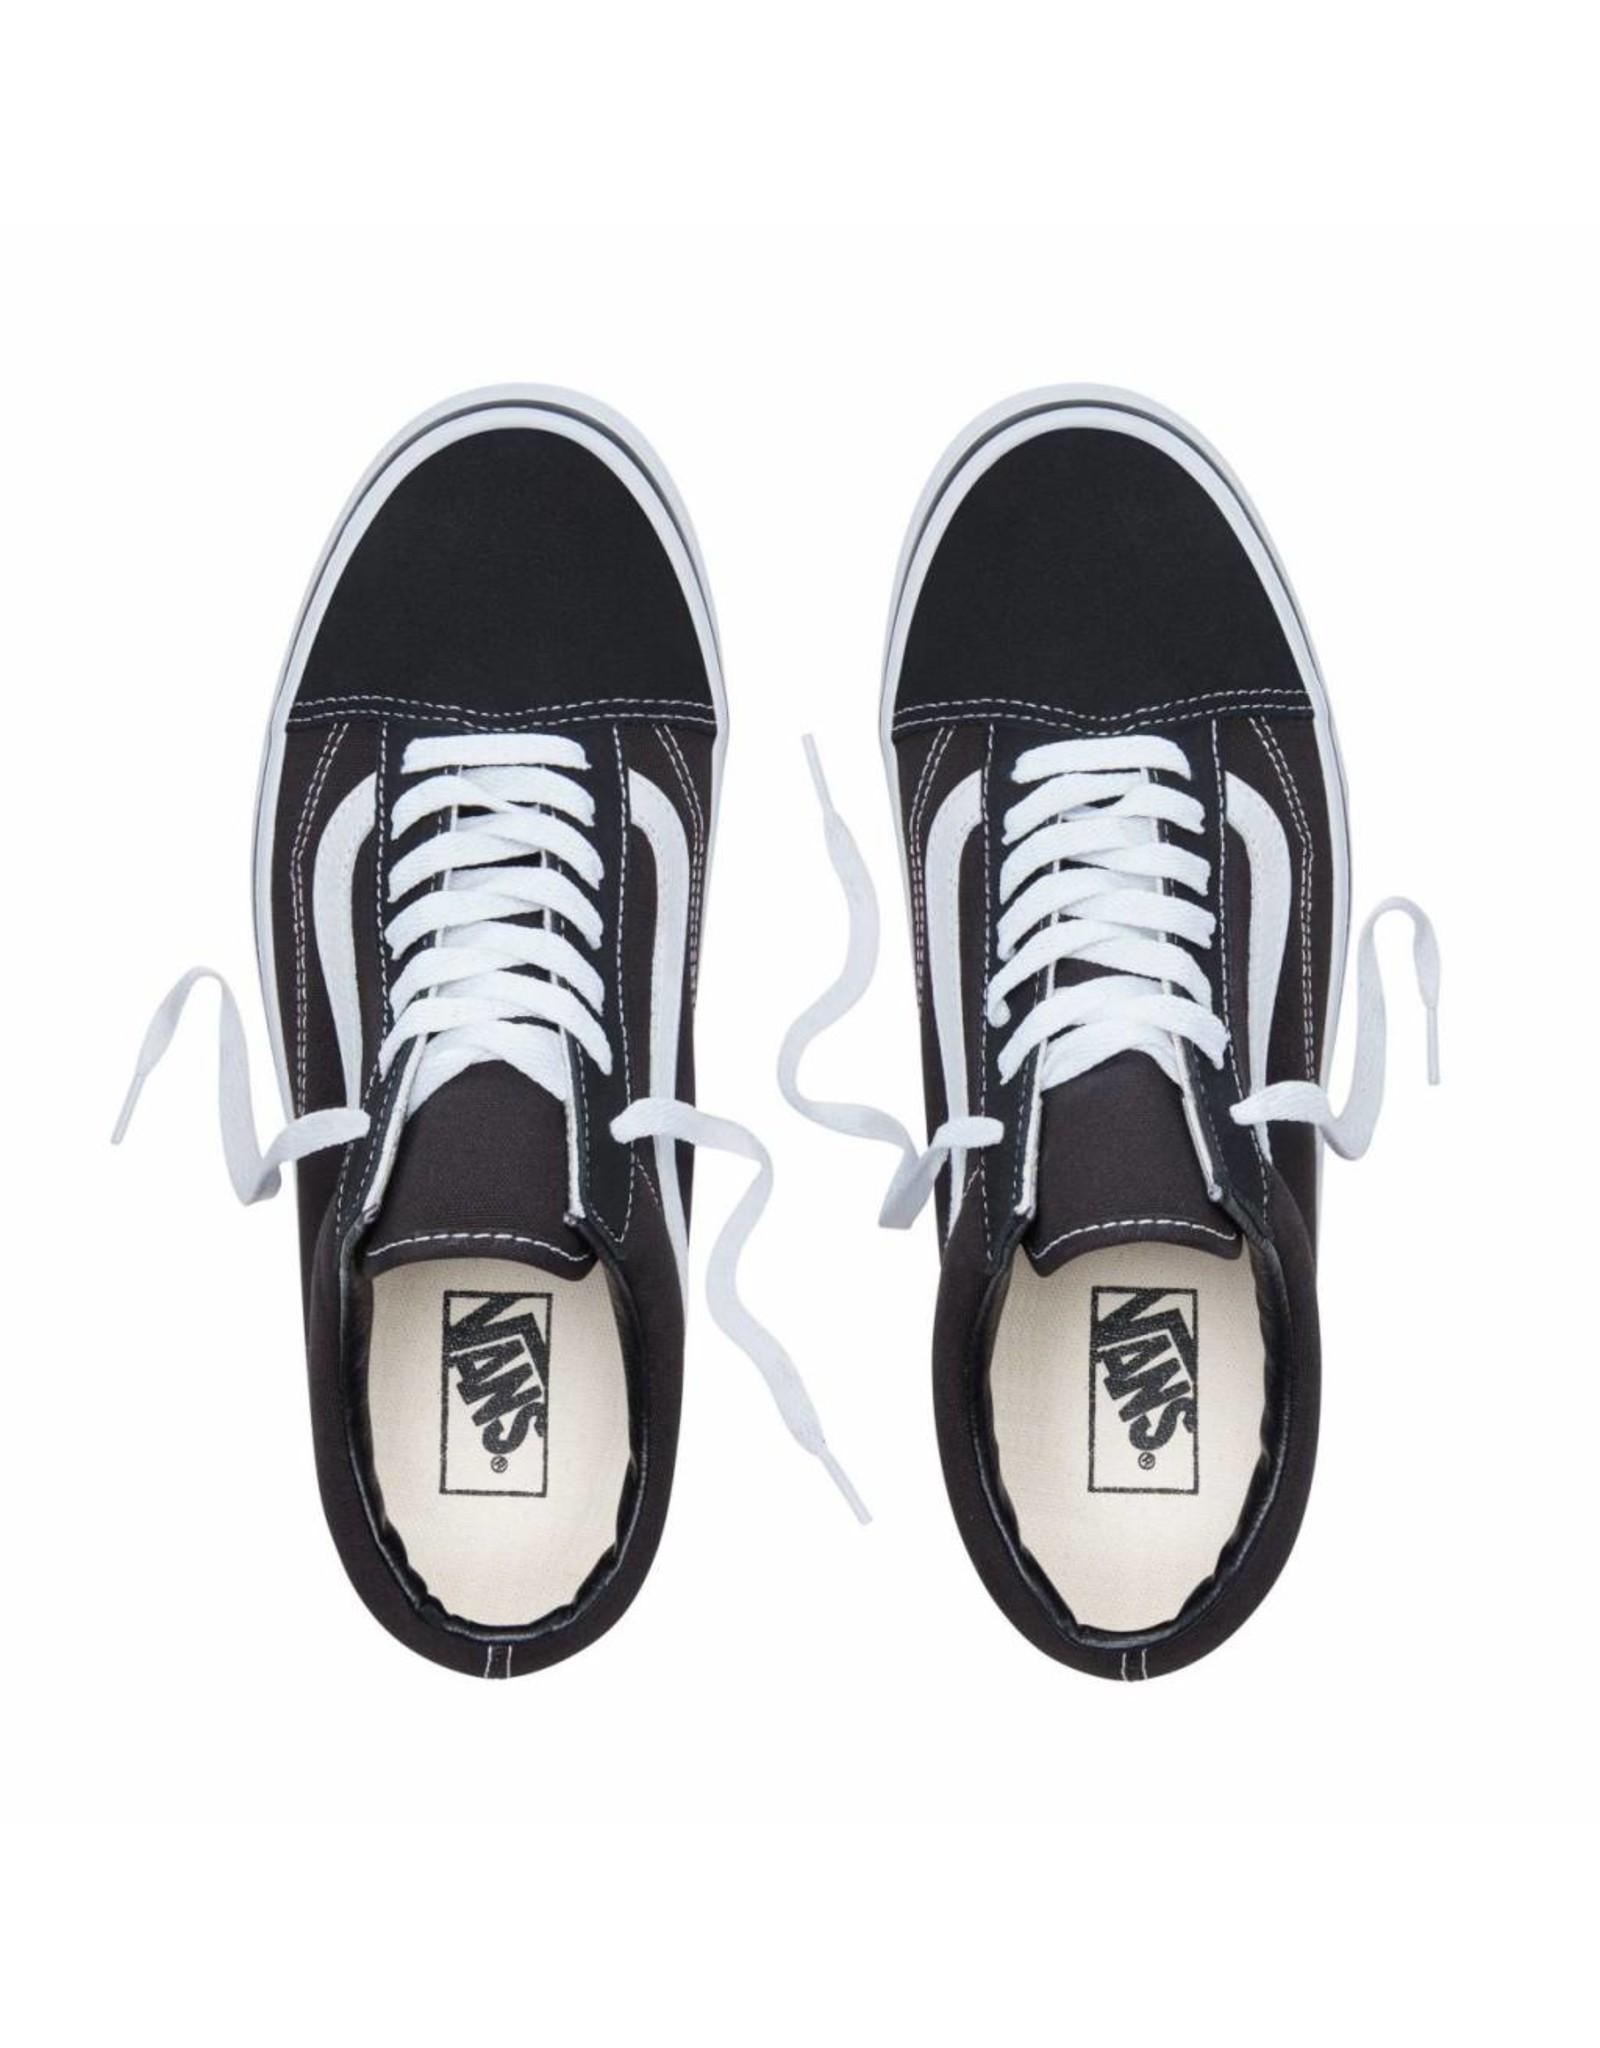 Vans Vans Old Skool Black&White